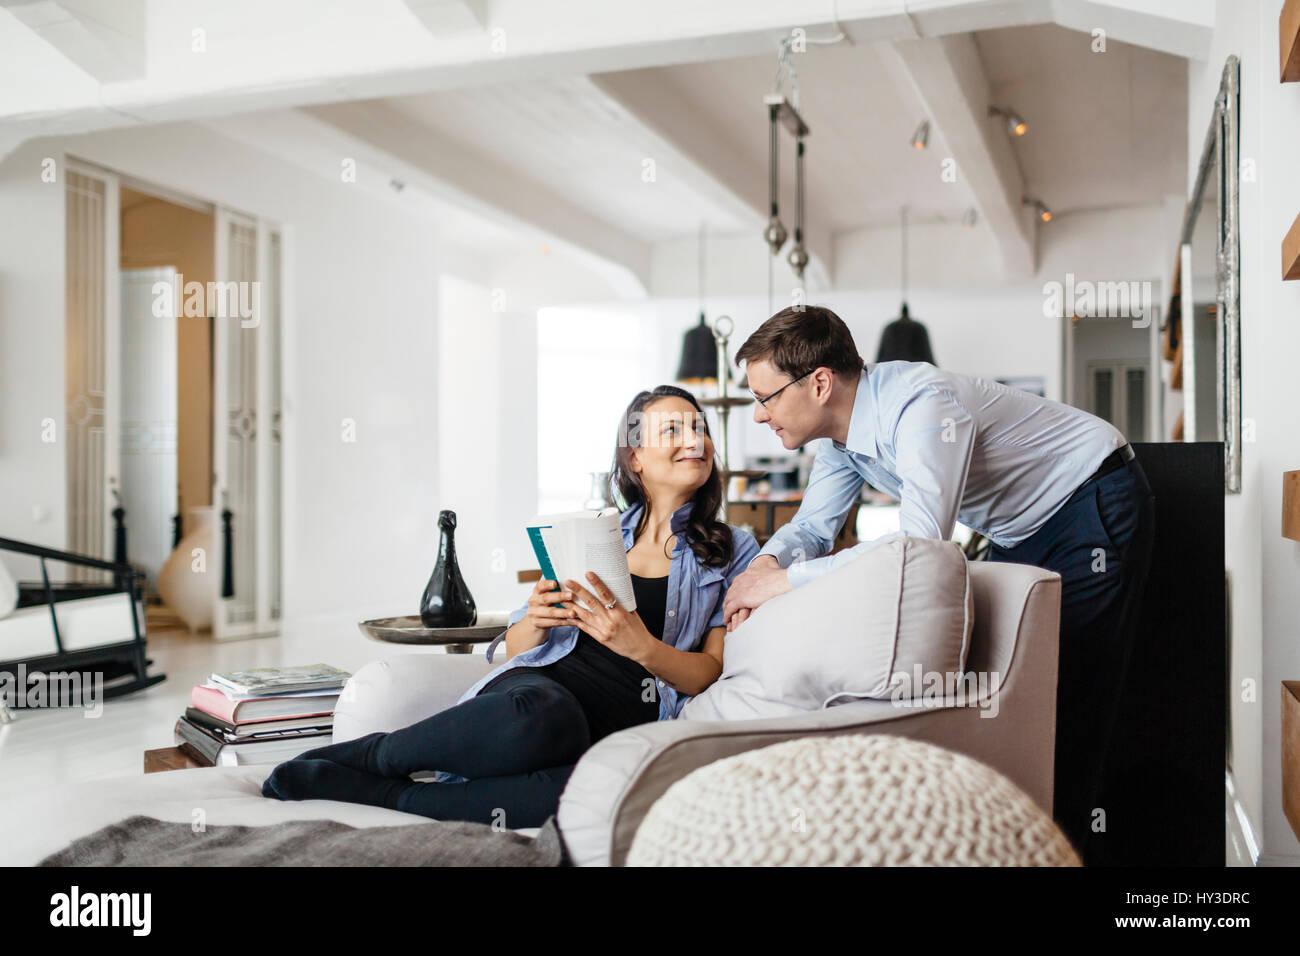 Alemania, mujer sentada en un sofá y sonriente al hombre Imagen De Stock